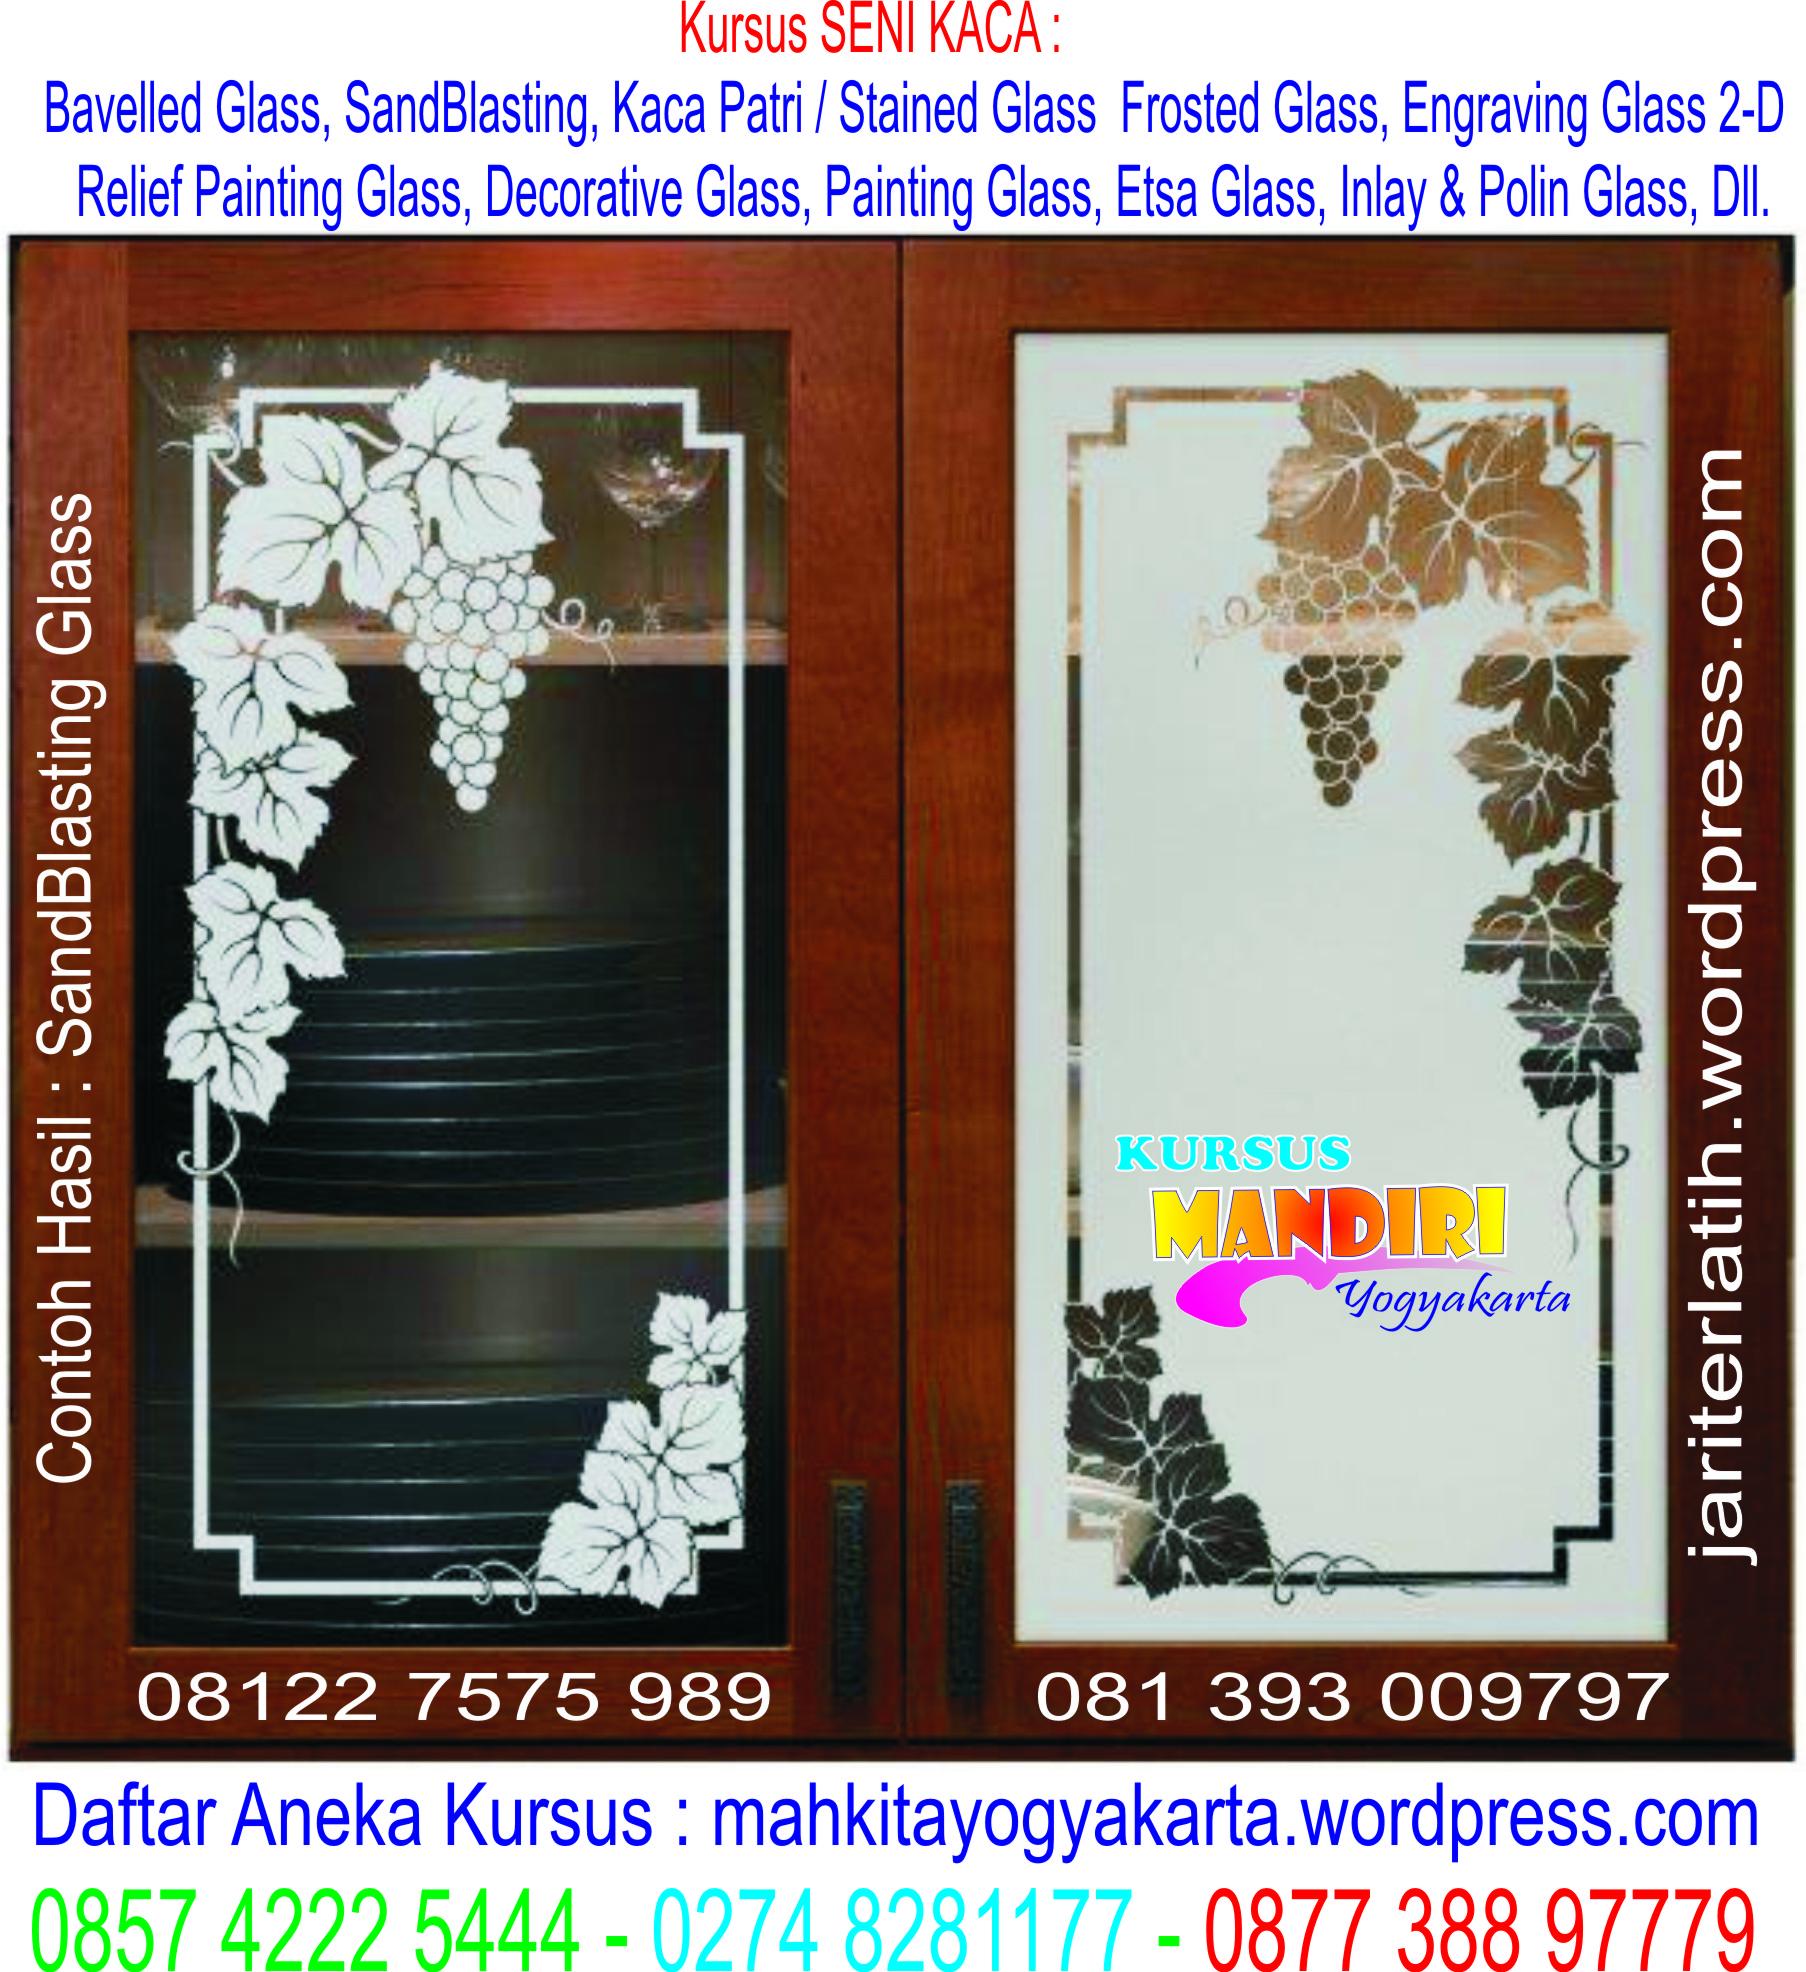 Kami Spesial Website PUSAT KURSUS  Cetak Offset Jilid  Binding Hardcover dan Soft cover